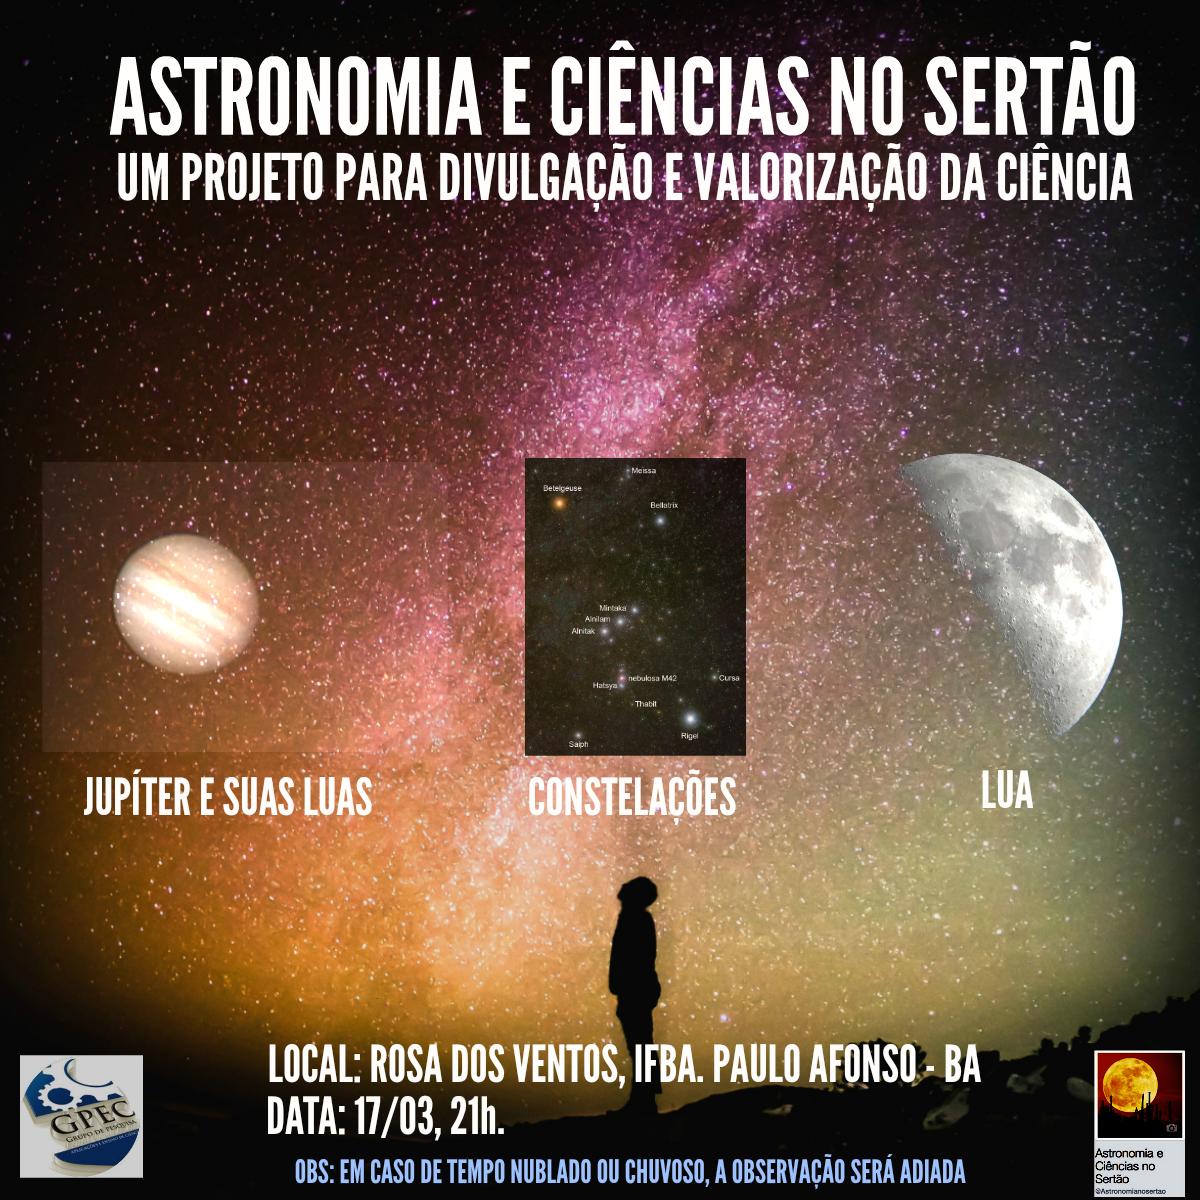 Extensão em astronomia no sertão.